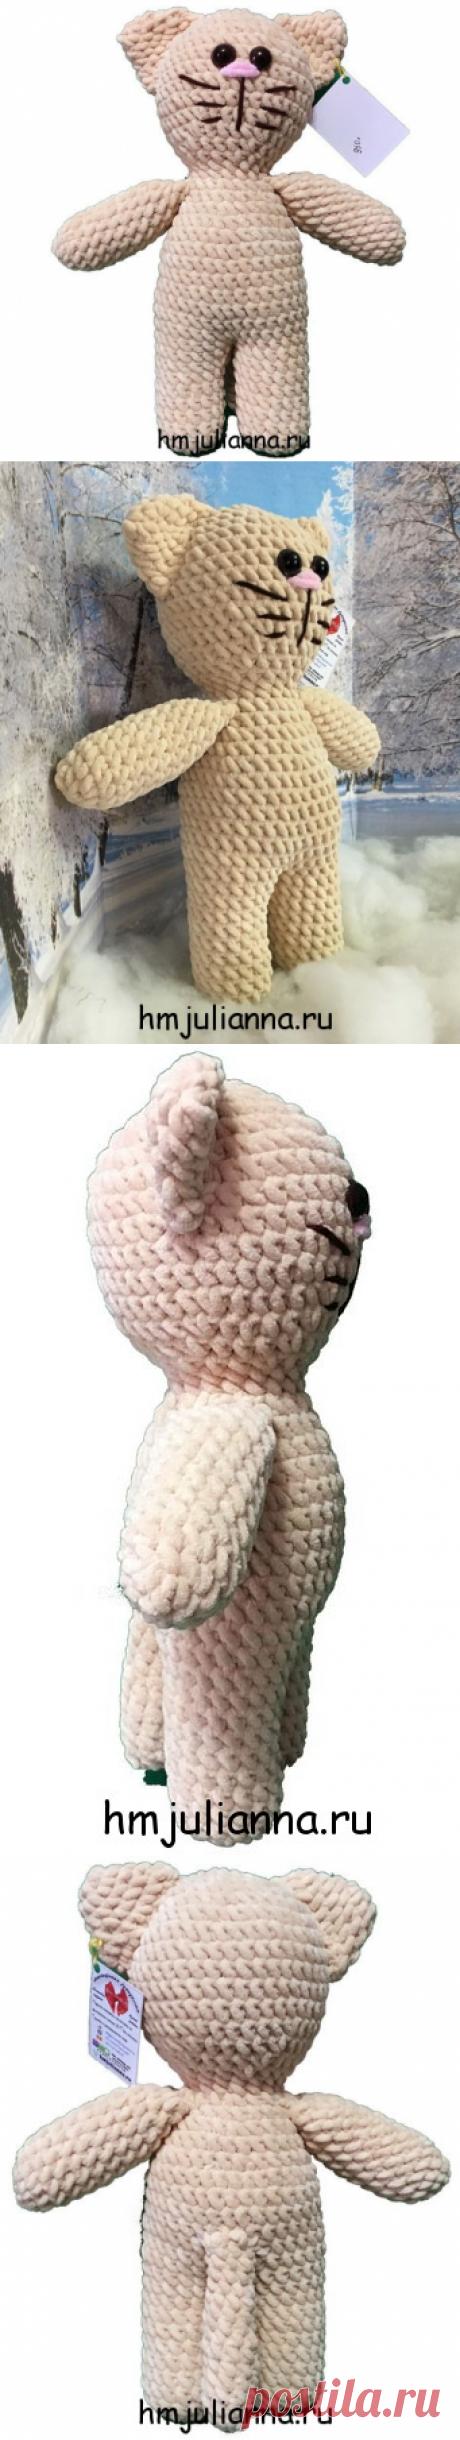 Плюшевый Кот игрушка, Красивый, связанный крючком, 30 см. Купить!Мастерская рукоделия Анны Ганоцкой